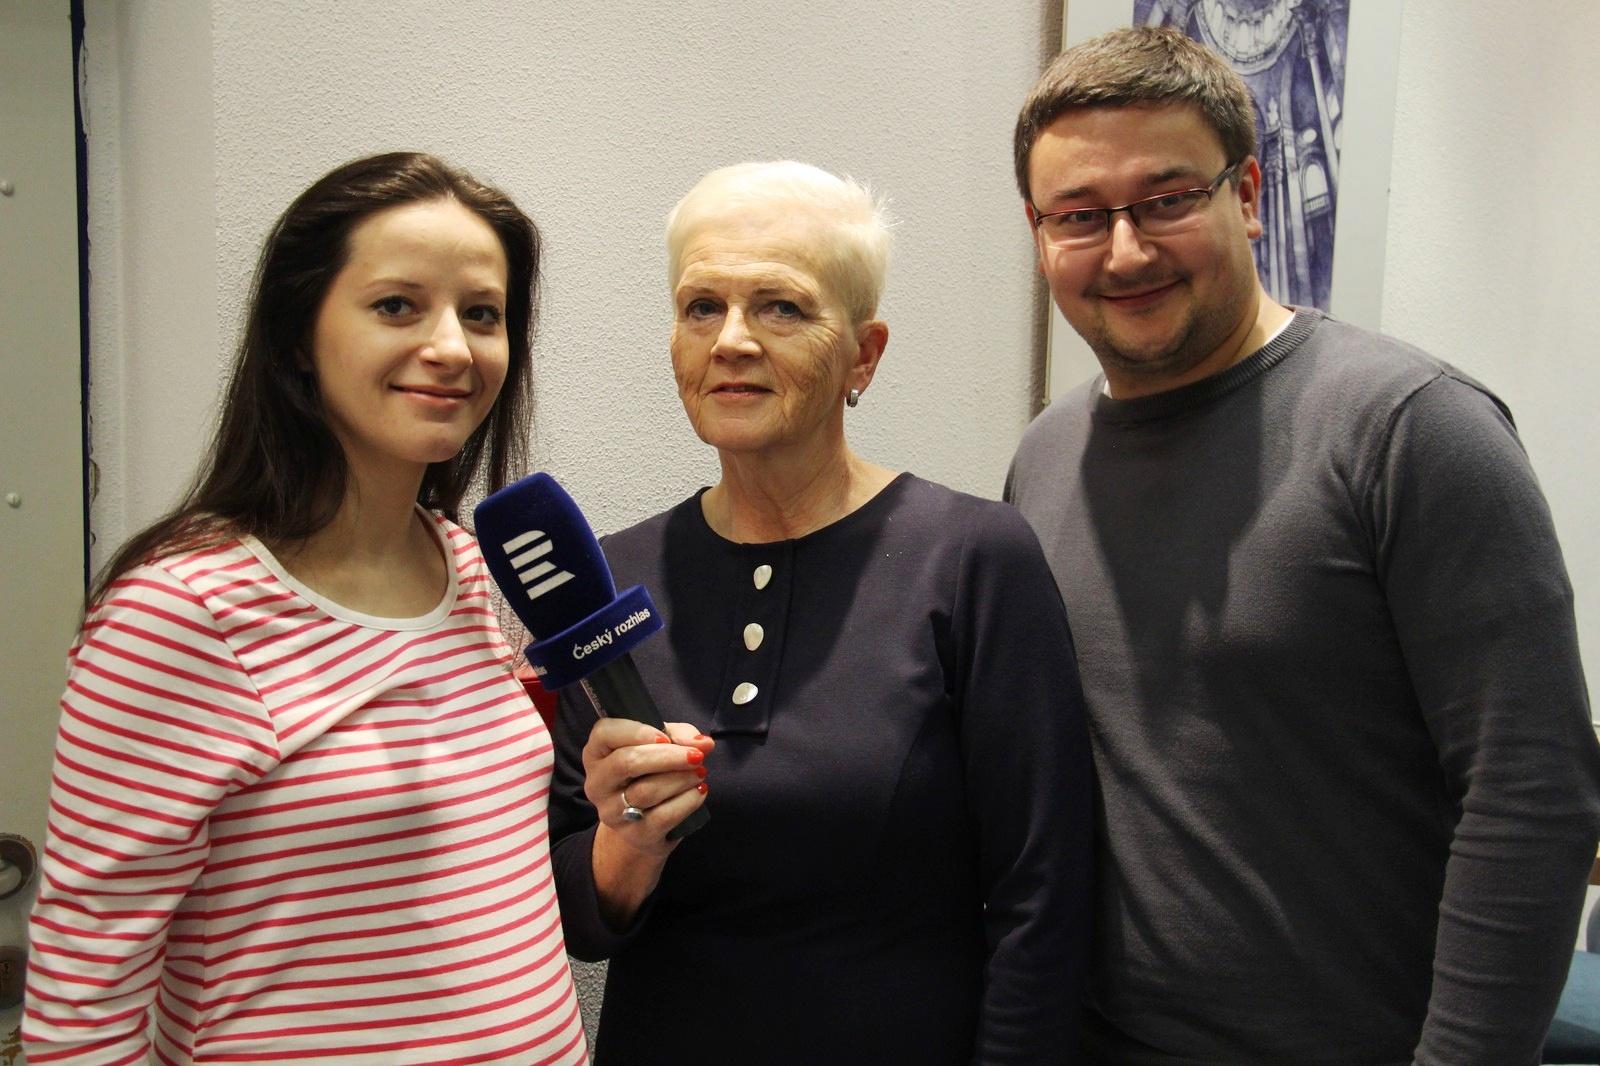 Taneční mistři Jana a Tomáš Rynešovi s autorkou pořadu Dámská jízda Mirkou Nezvalovou